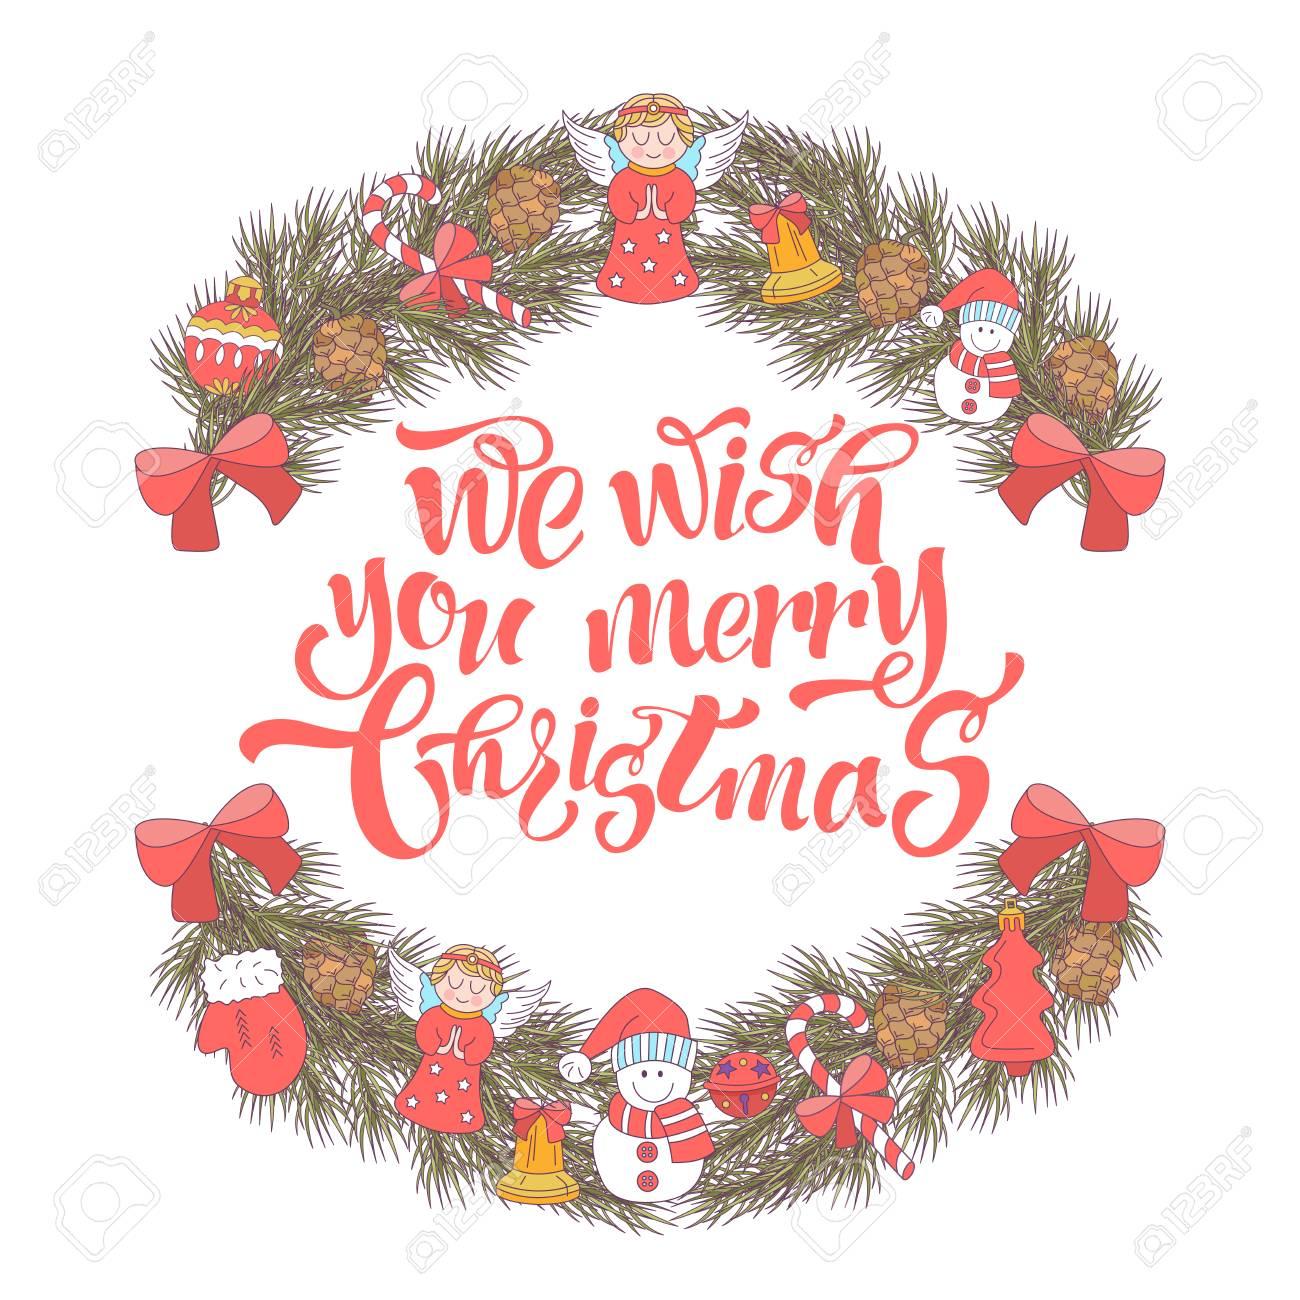 Merry Christmas Vector Christmas Card Fir Wreath Decorated